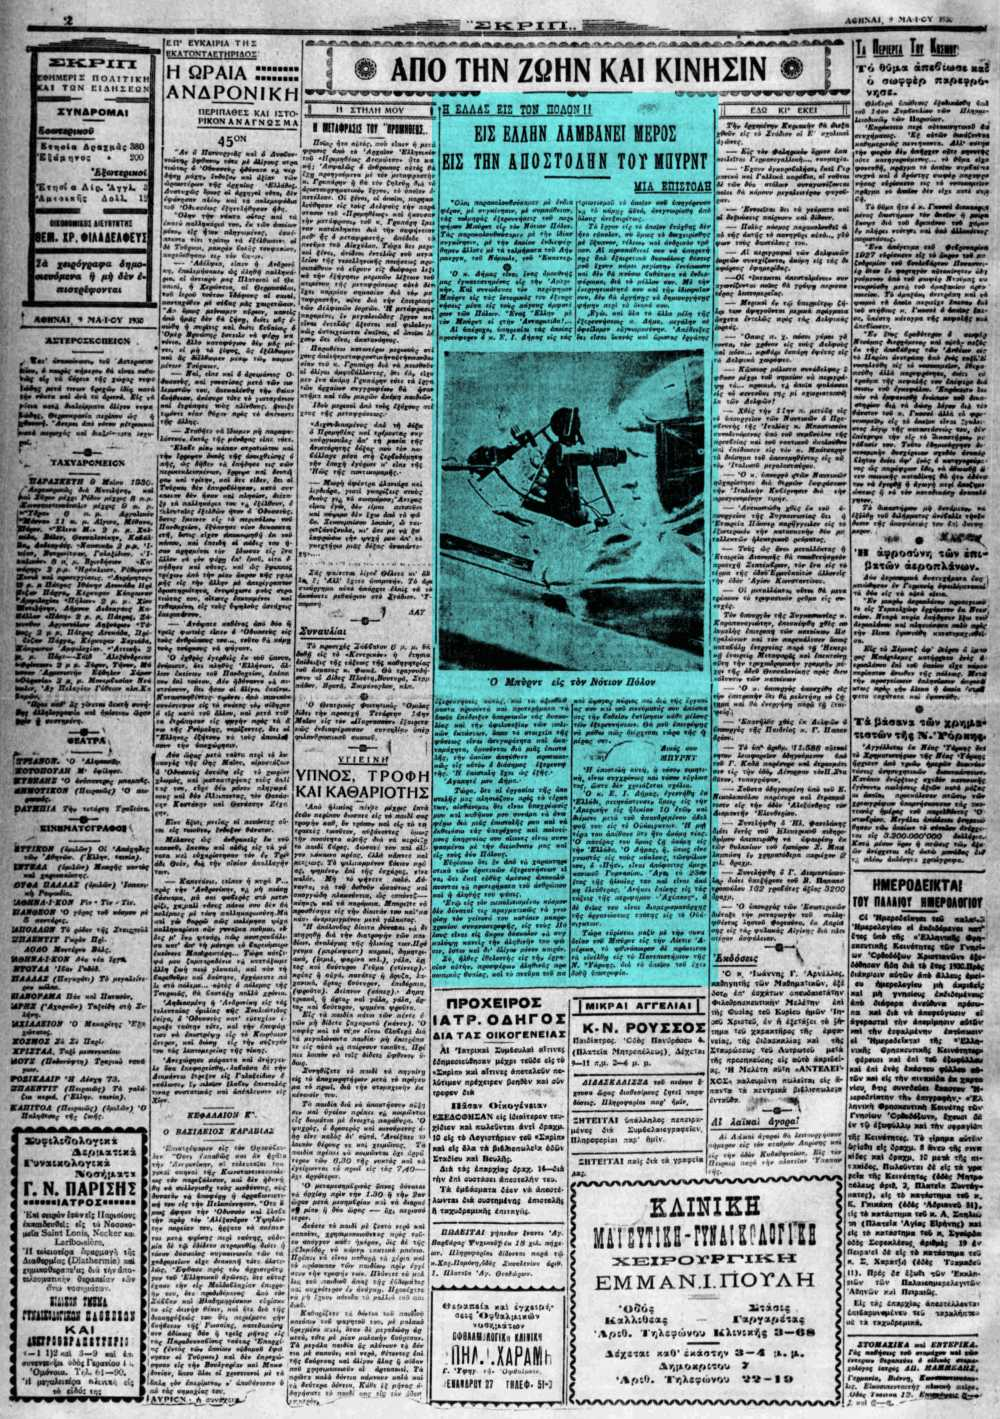 """Το άρθρο, όπως δημοσιεύθηκε στην εφημερίδα """"ΣΚΡΙΠ"""", στις 09/05/1930"""